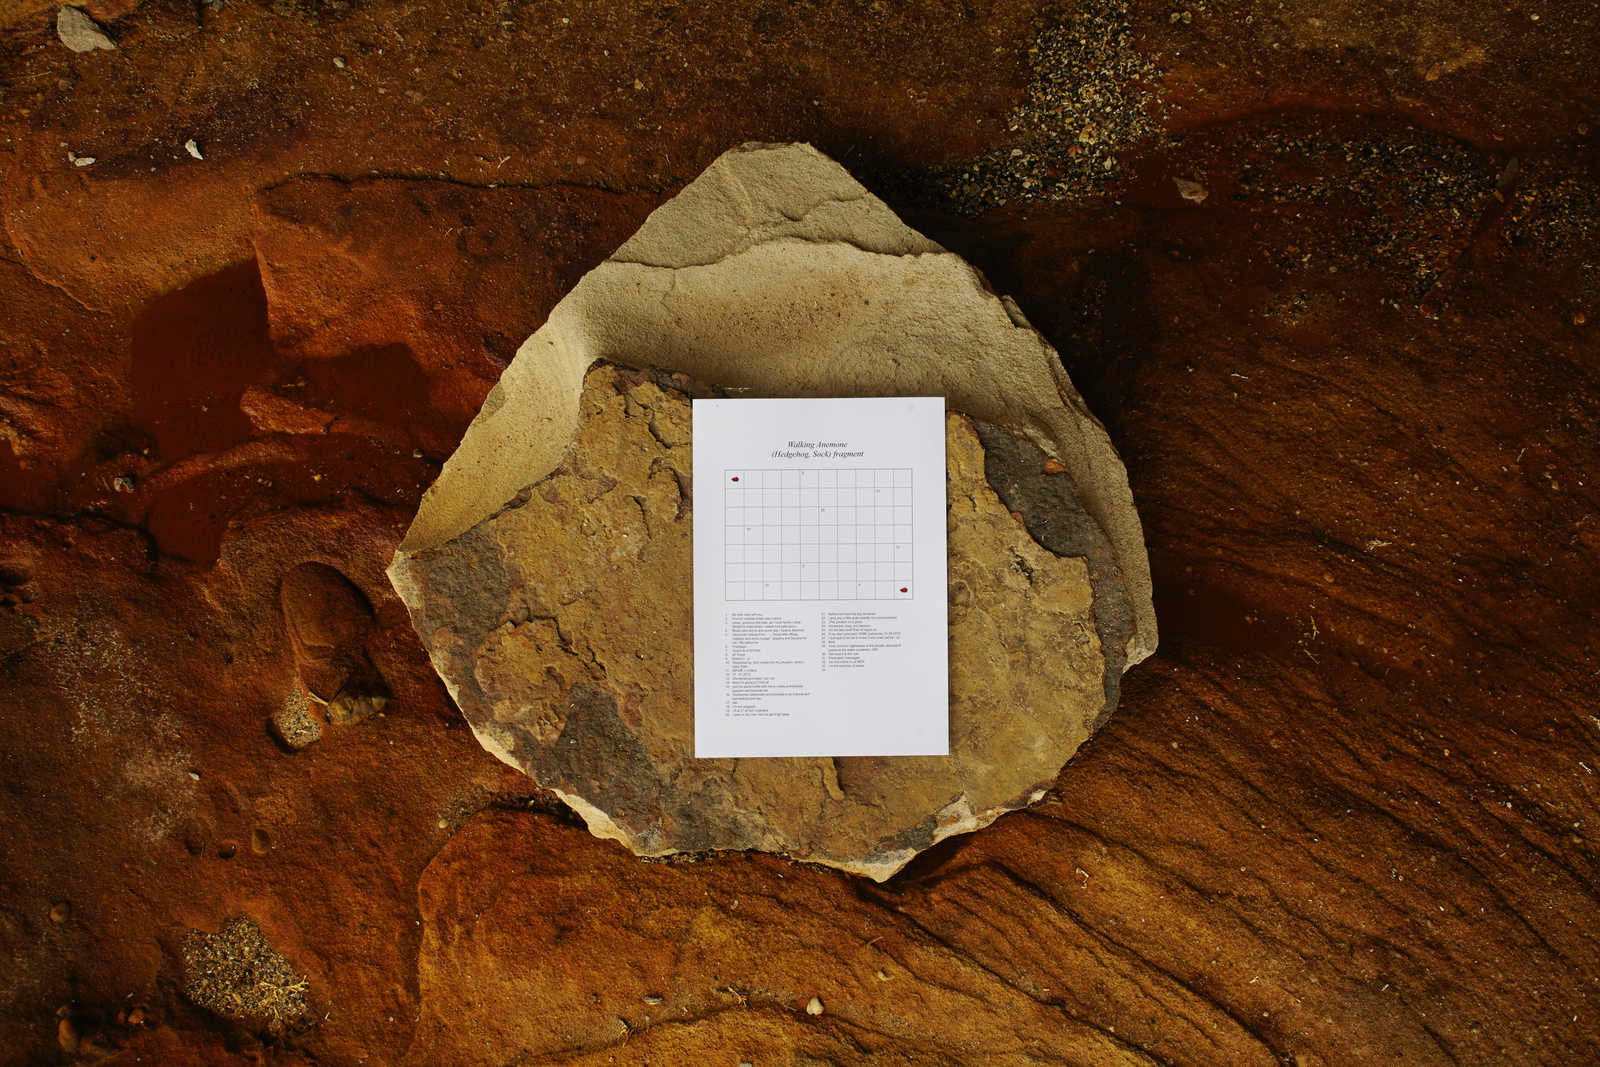 Adriana Ramić install PDF